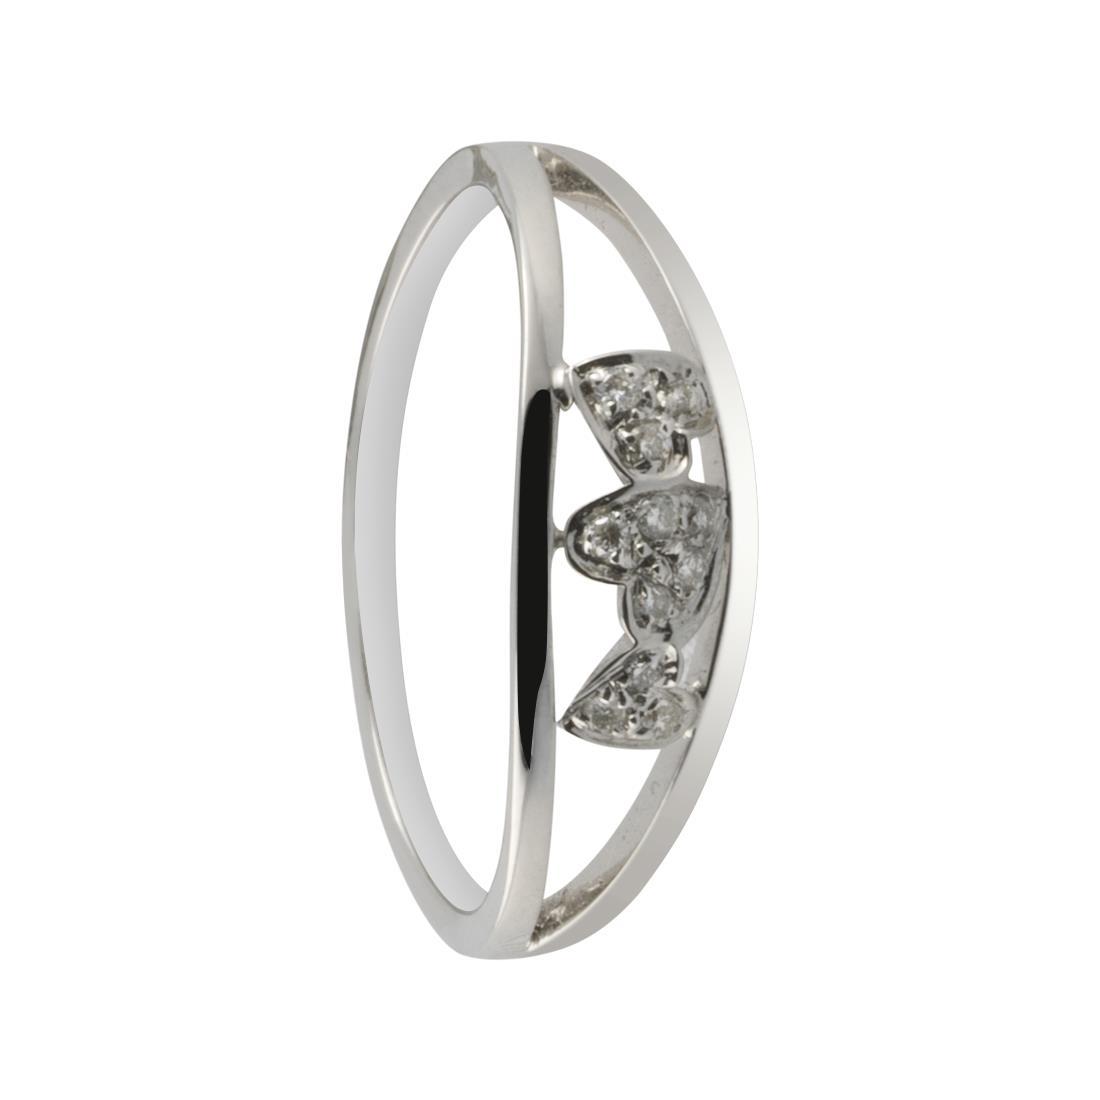 Anello in oro bianco con diamanti ct. 0,04 - ALFIERI & ST. JOHN